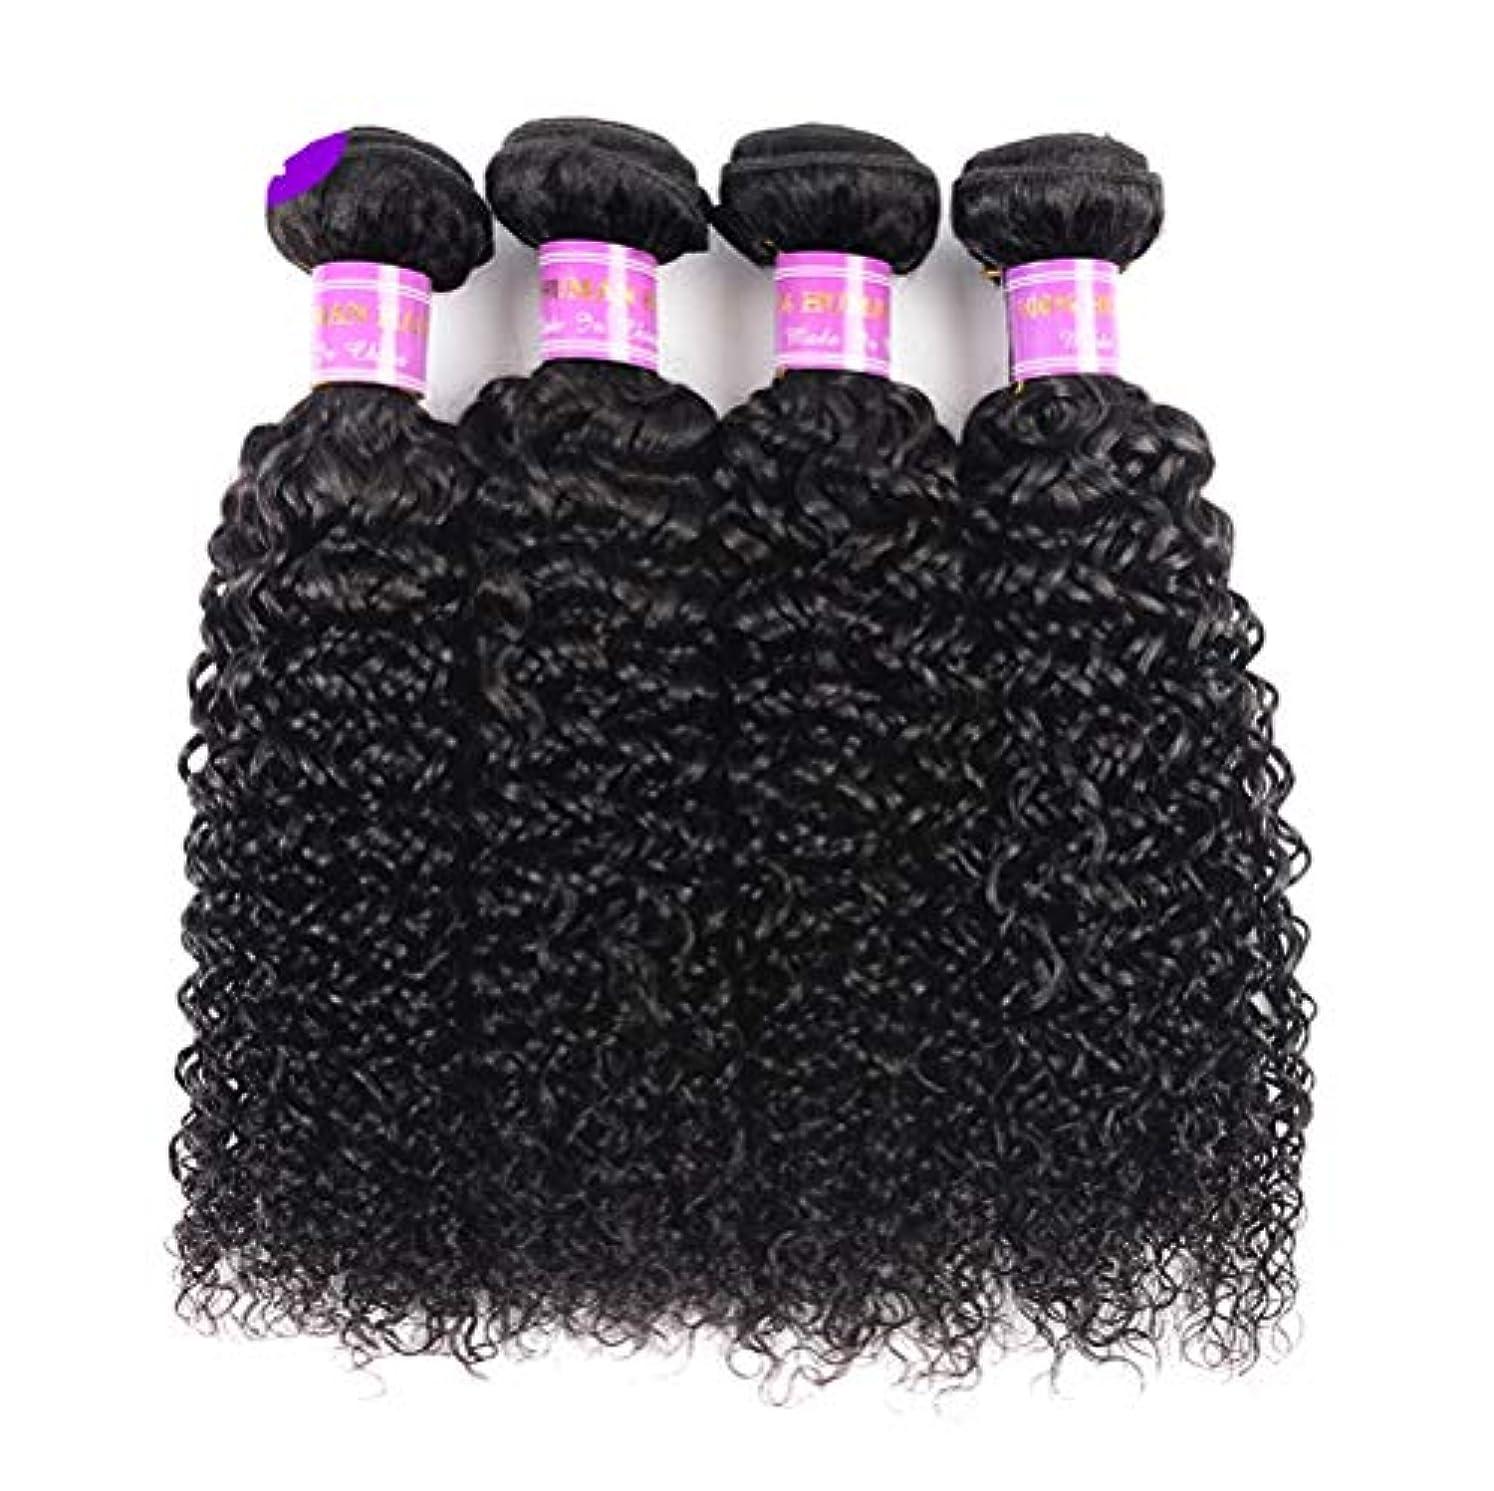 インストラクター締める原点髪織り未処理ブラジルディープカーリーヘアバンドル本物の人間の髪バンドルバージンブラジル髪バンドル1個/パックナチュラルカラー(100 +/- 5g)/ pc